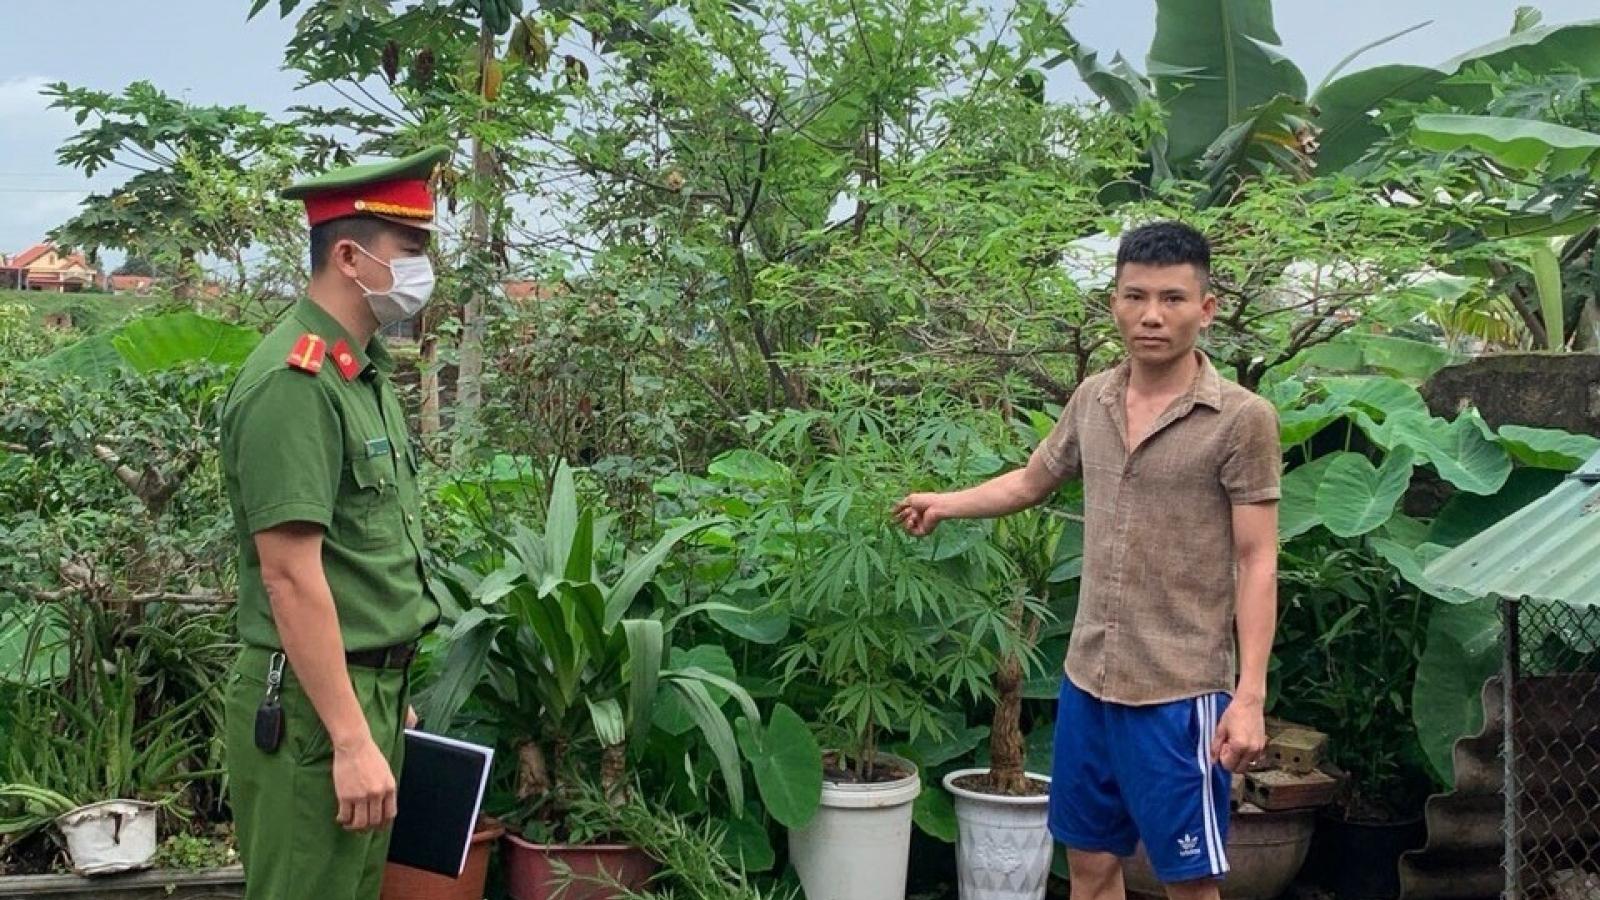 Phát hiện đối tượng trồng cần sa trong nhà tại Quảng Ninh